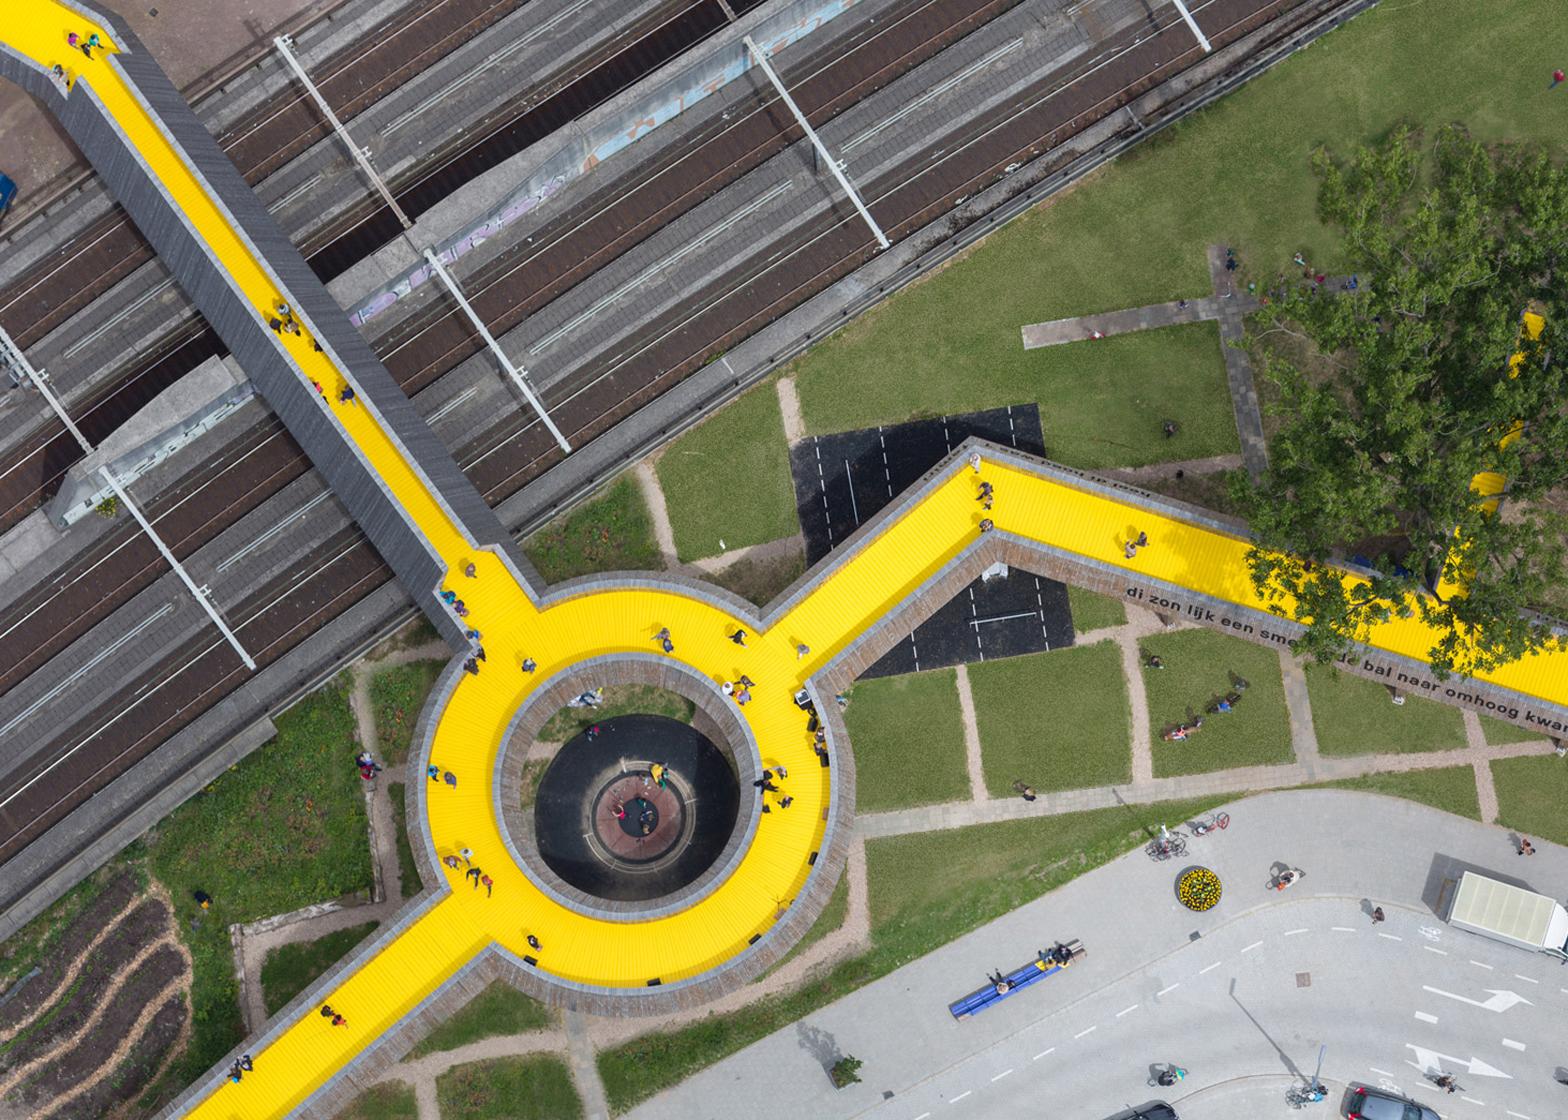 ZUS' Luchtsingel pedestrian bridge